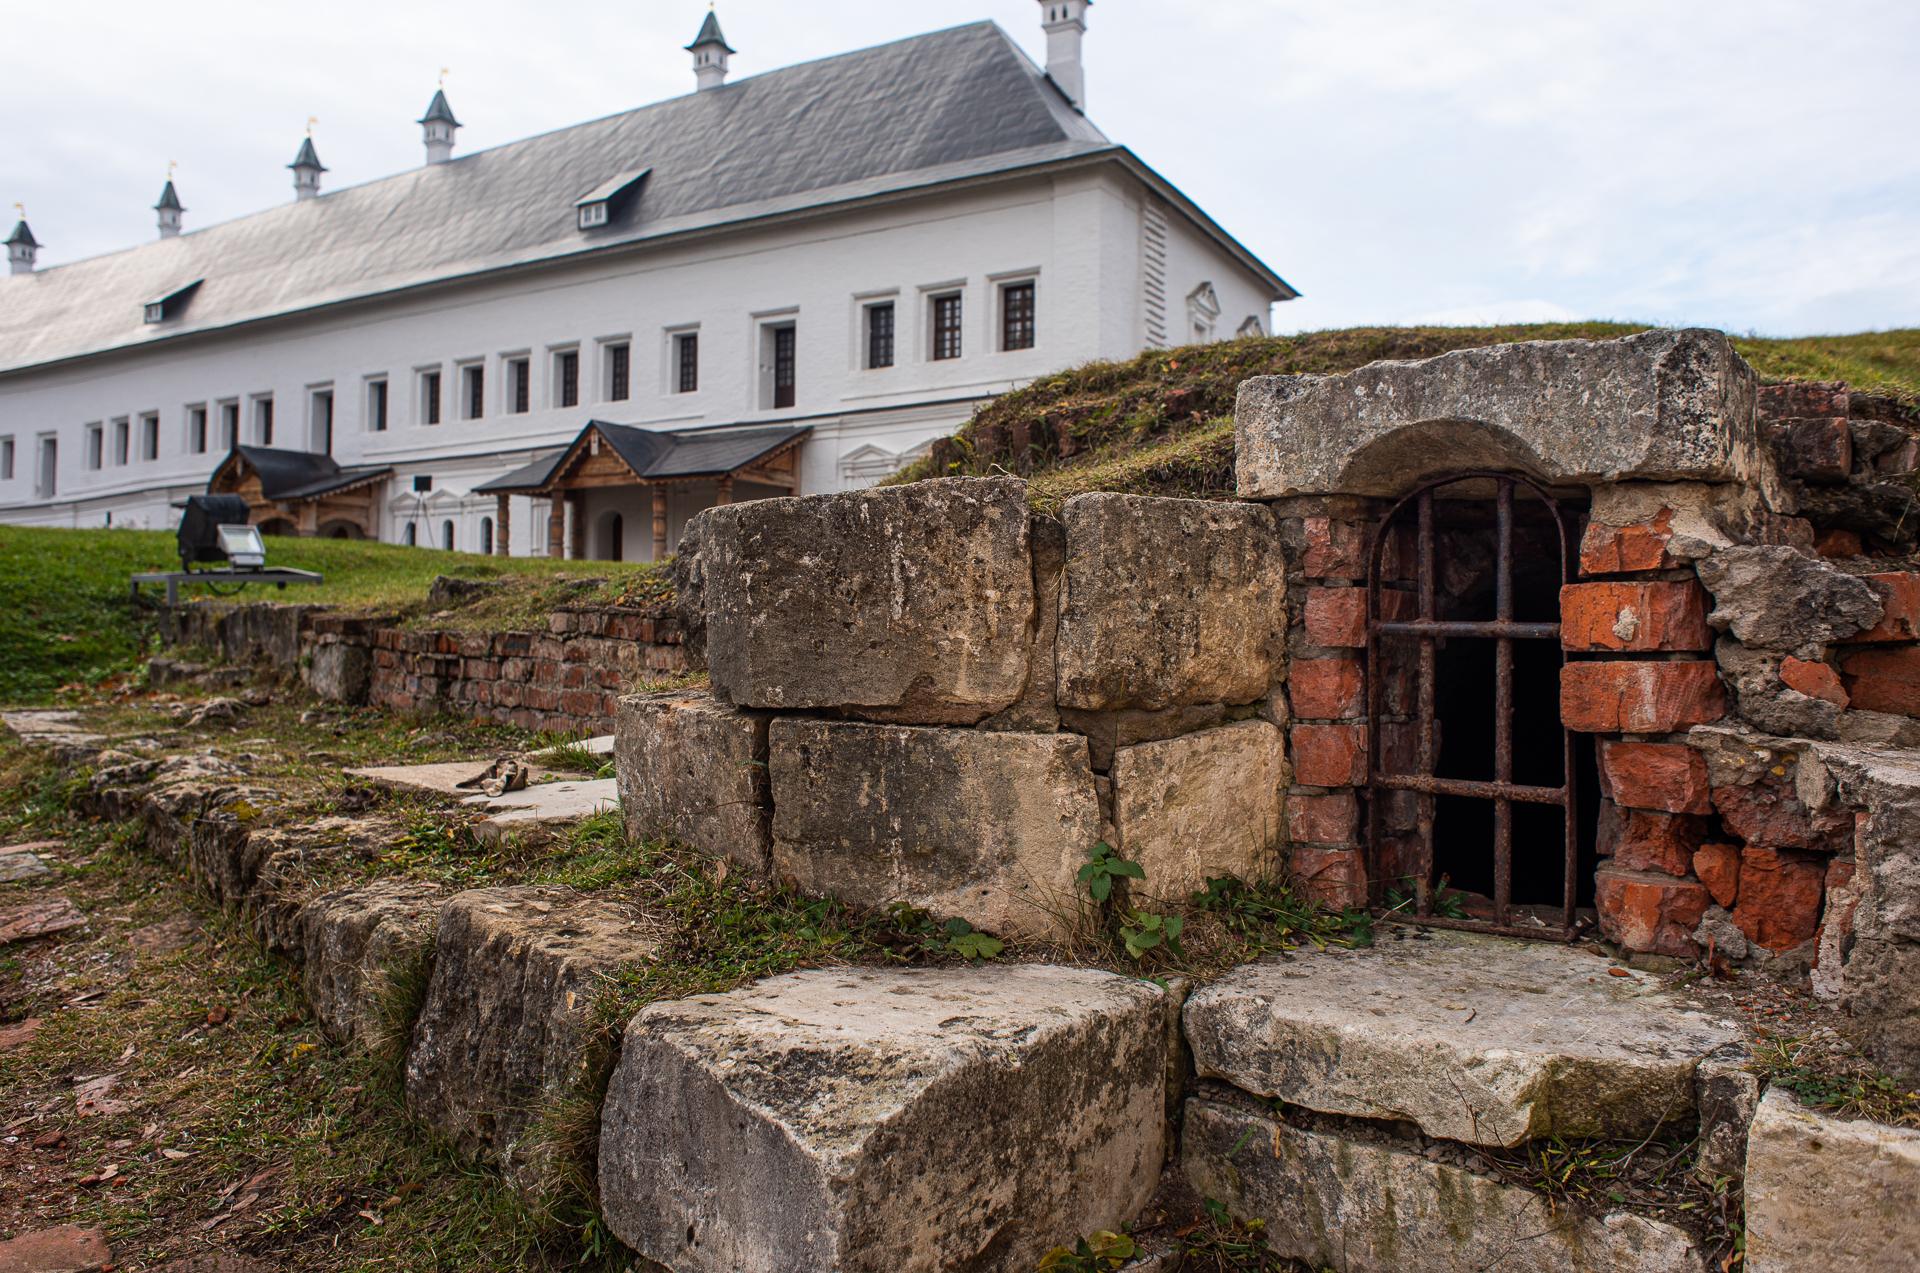 Саввино-сторожевский ставропигиальный мужской монастырь, фундамент храма, Дворец царя Алексея Михайловича